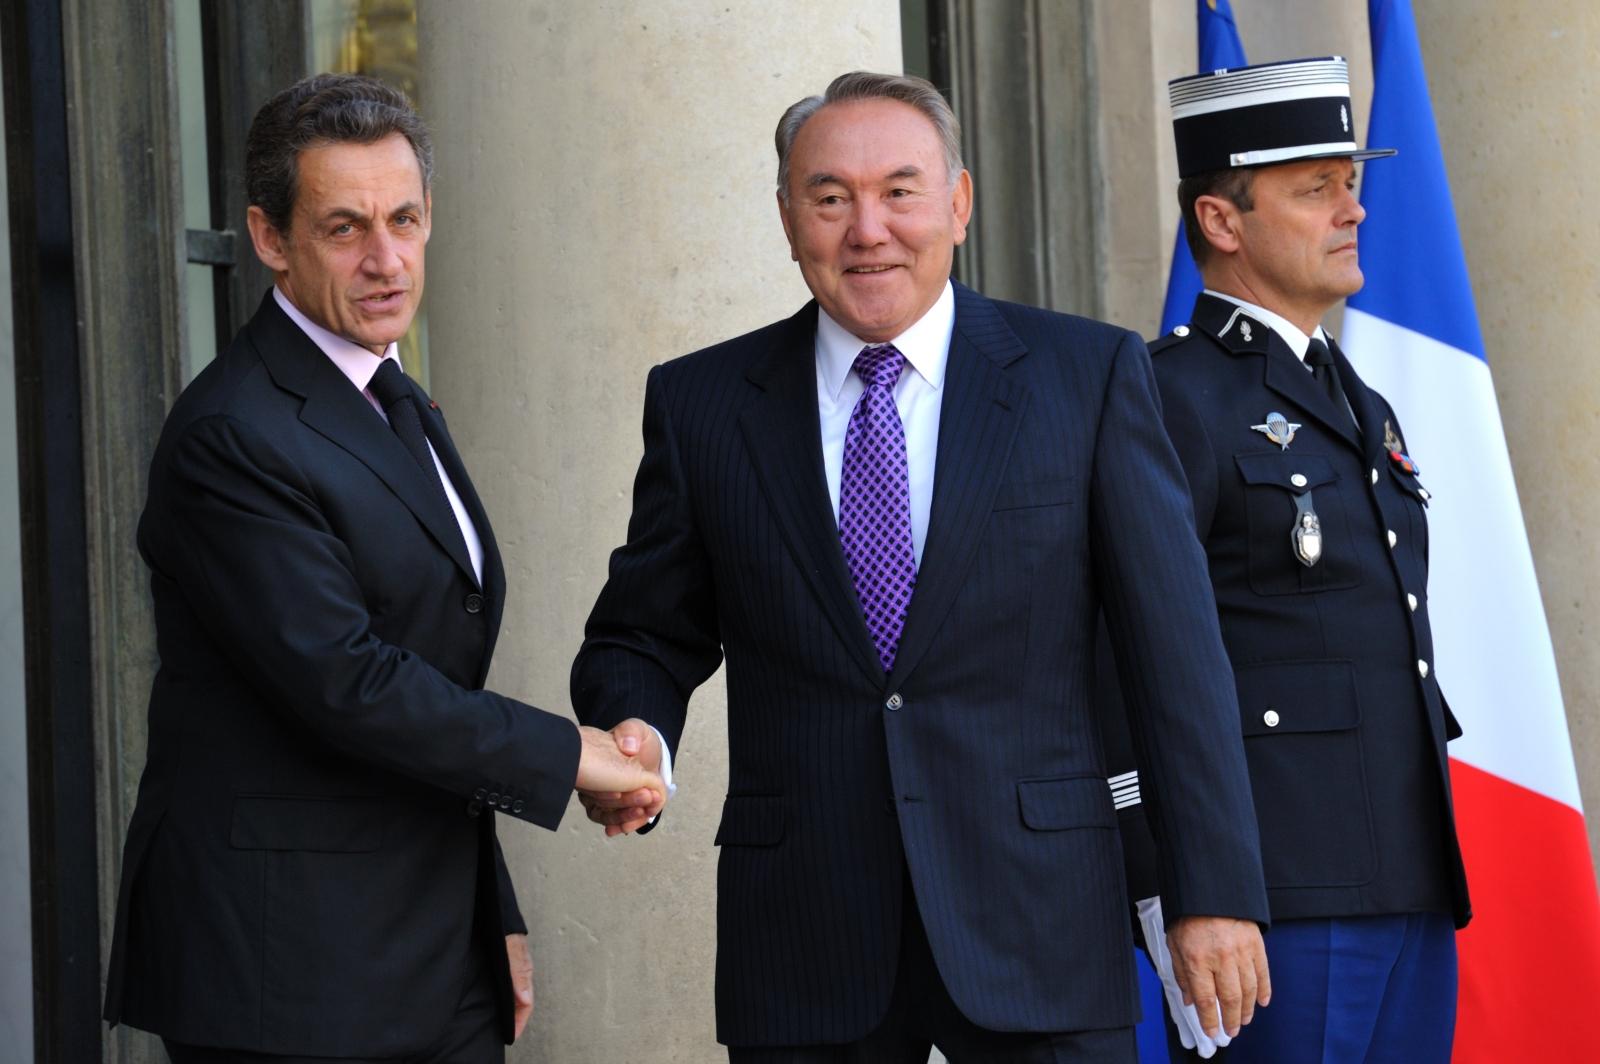 France's President Nicolas Sarkozy (L) welcomes Kazakhstan President Nursultan Nazarbayev